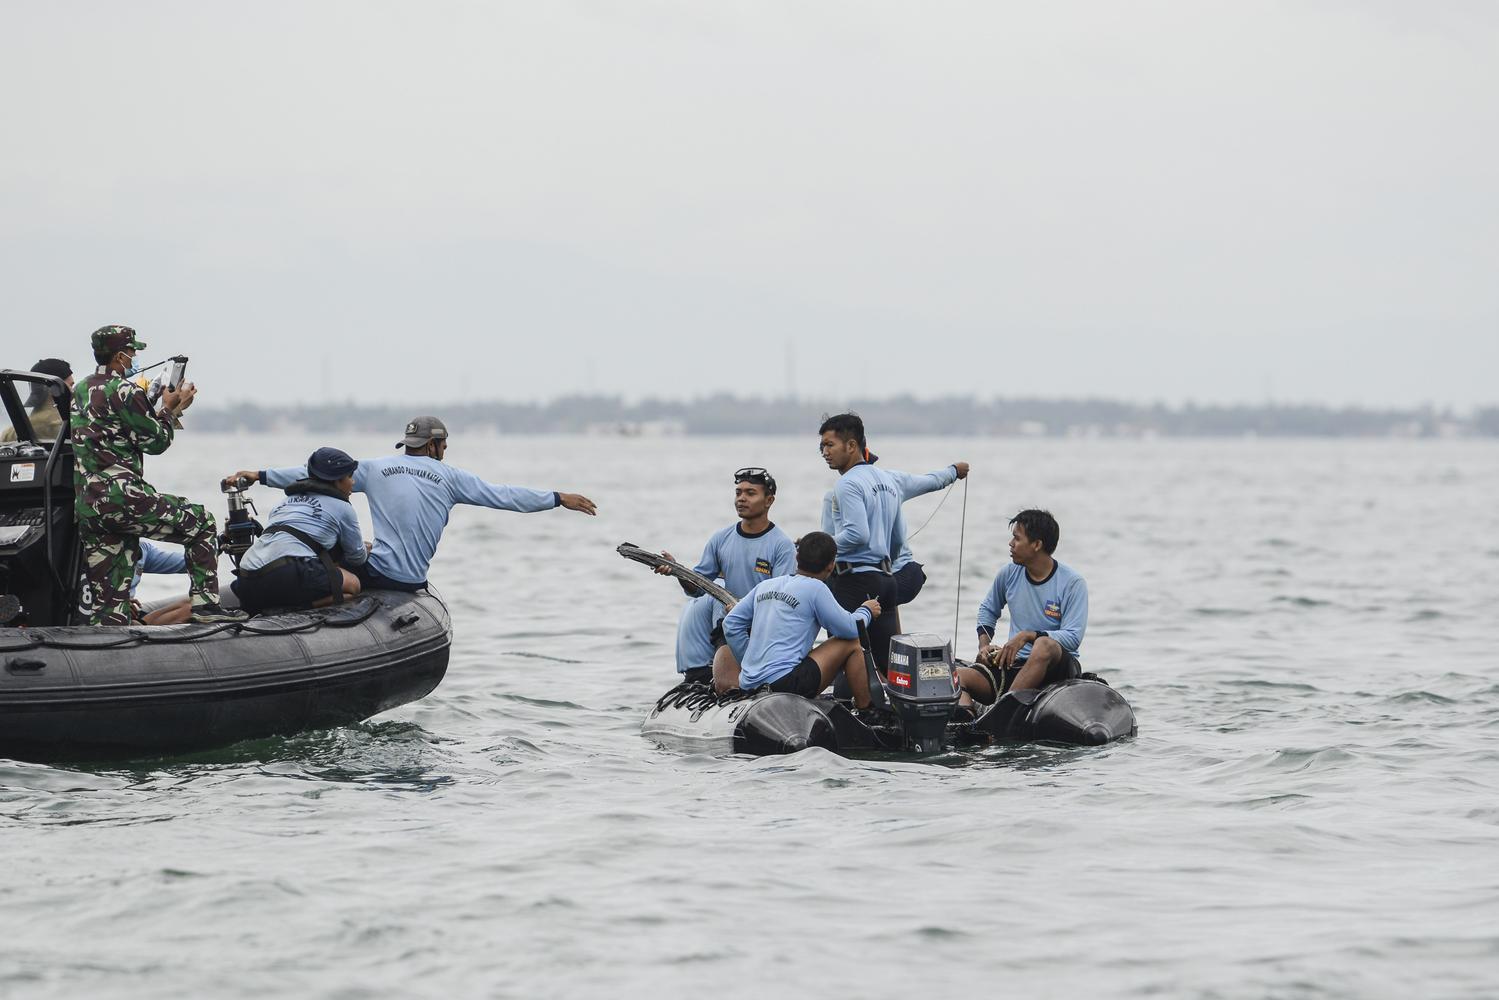 Sejumlah prajurit Satkopaska Armada 1 mengevakuasi serpihan dari pesawat Sriwijaya Air SJ 182 yang hilang kontak saat melakukan pencarian di perairan Kepulauan Seribu, Jakarta, Minggu (10/1/2021). Pesawat Sriwijaya Air SJ 182 yang hilang kontak pada Sabtu (9/1) sekitar pukul 14.40 WIB di ketinggian 10 ribu kaki tersebut membawa enam awak dan 56 penumpang.